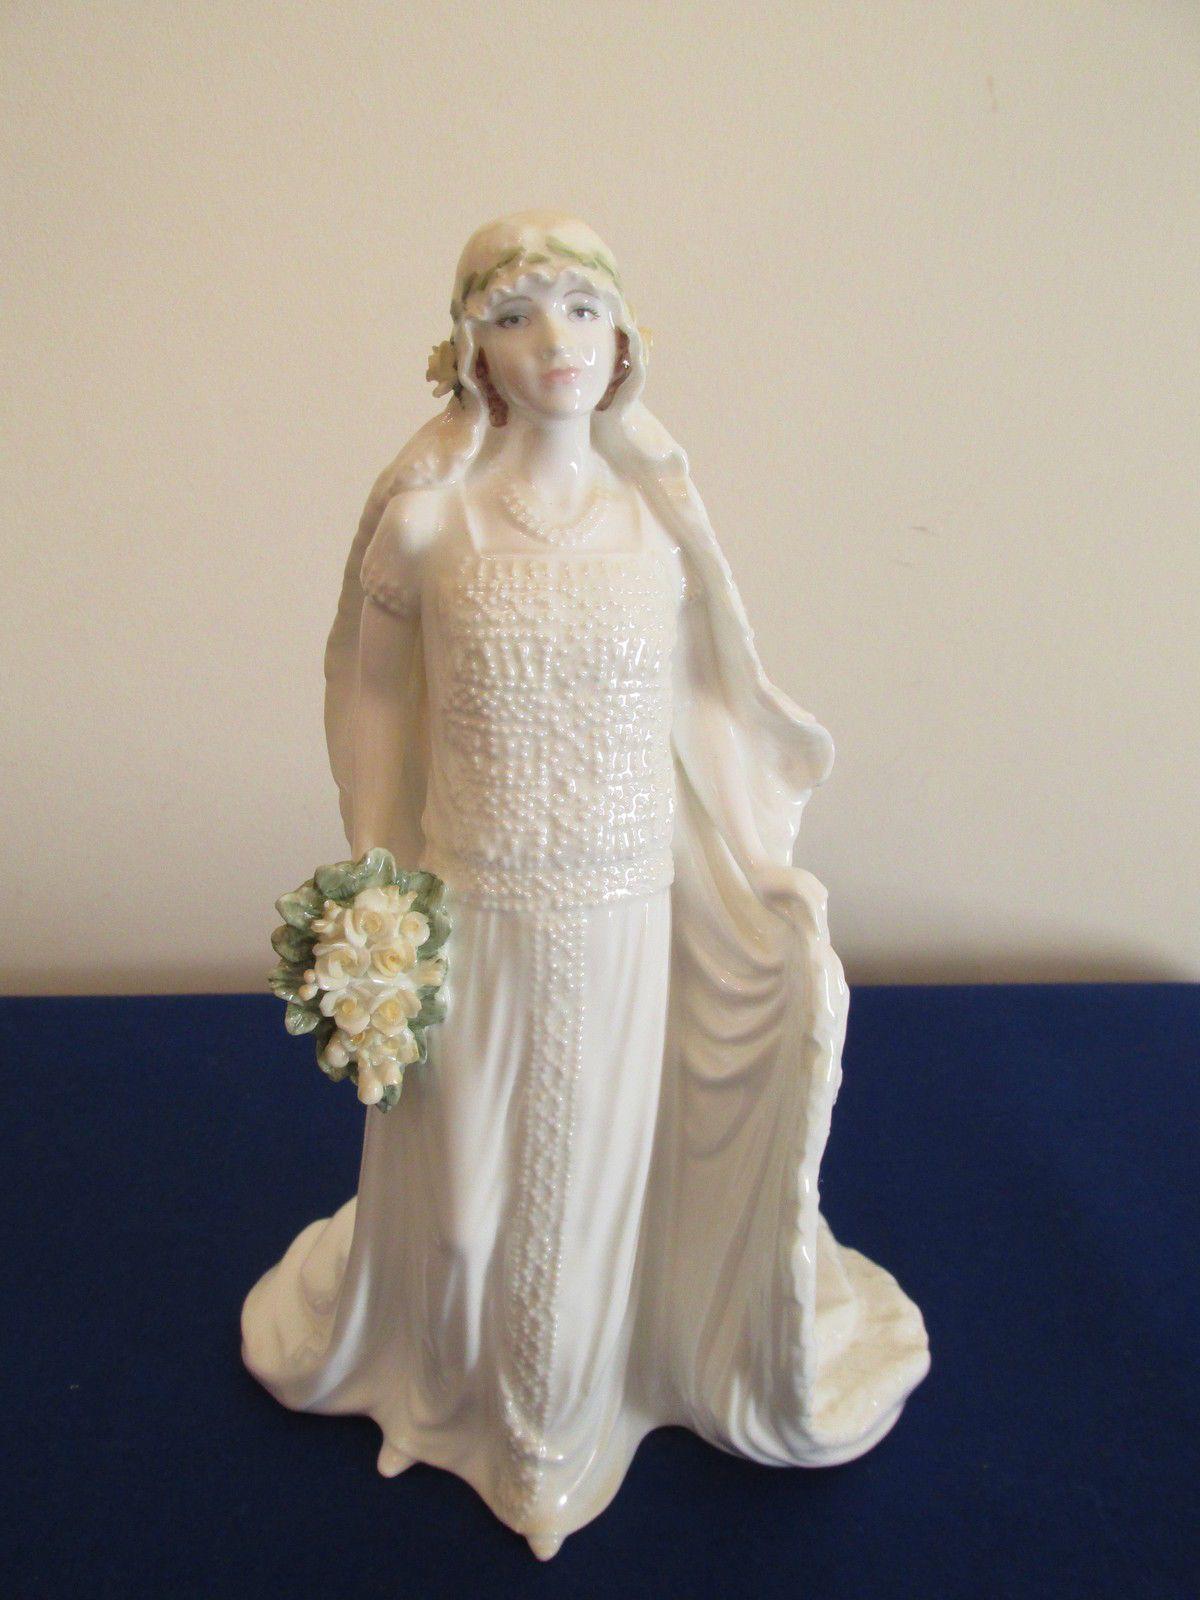 Coalport 'Queen Elizabeth' Wedding Anniversary Figurine